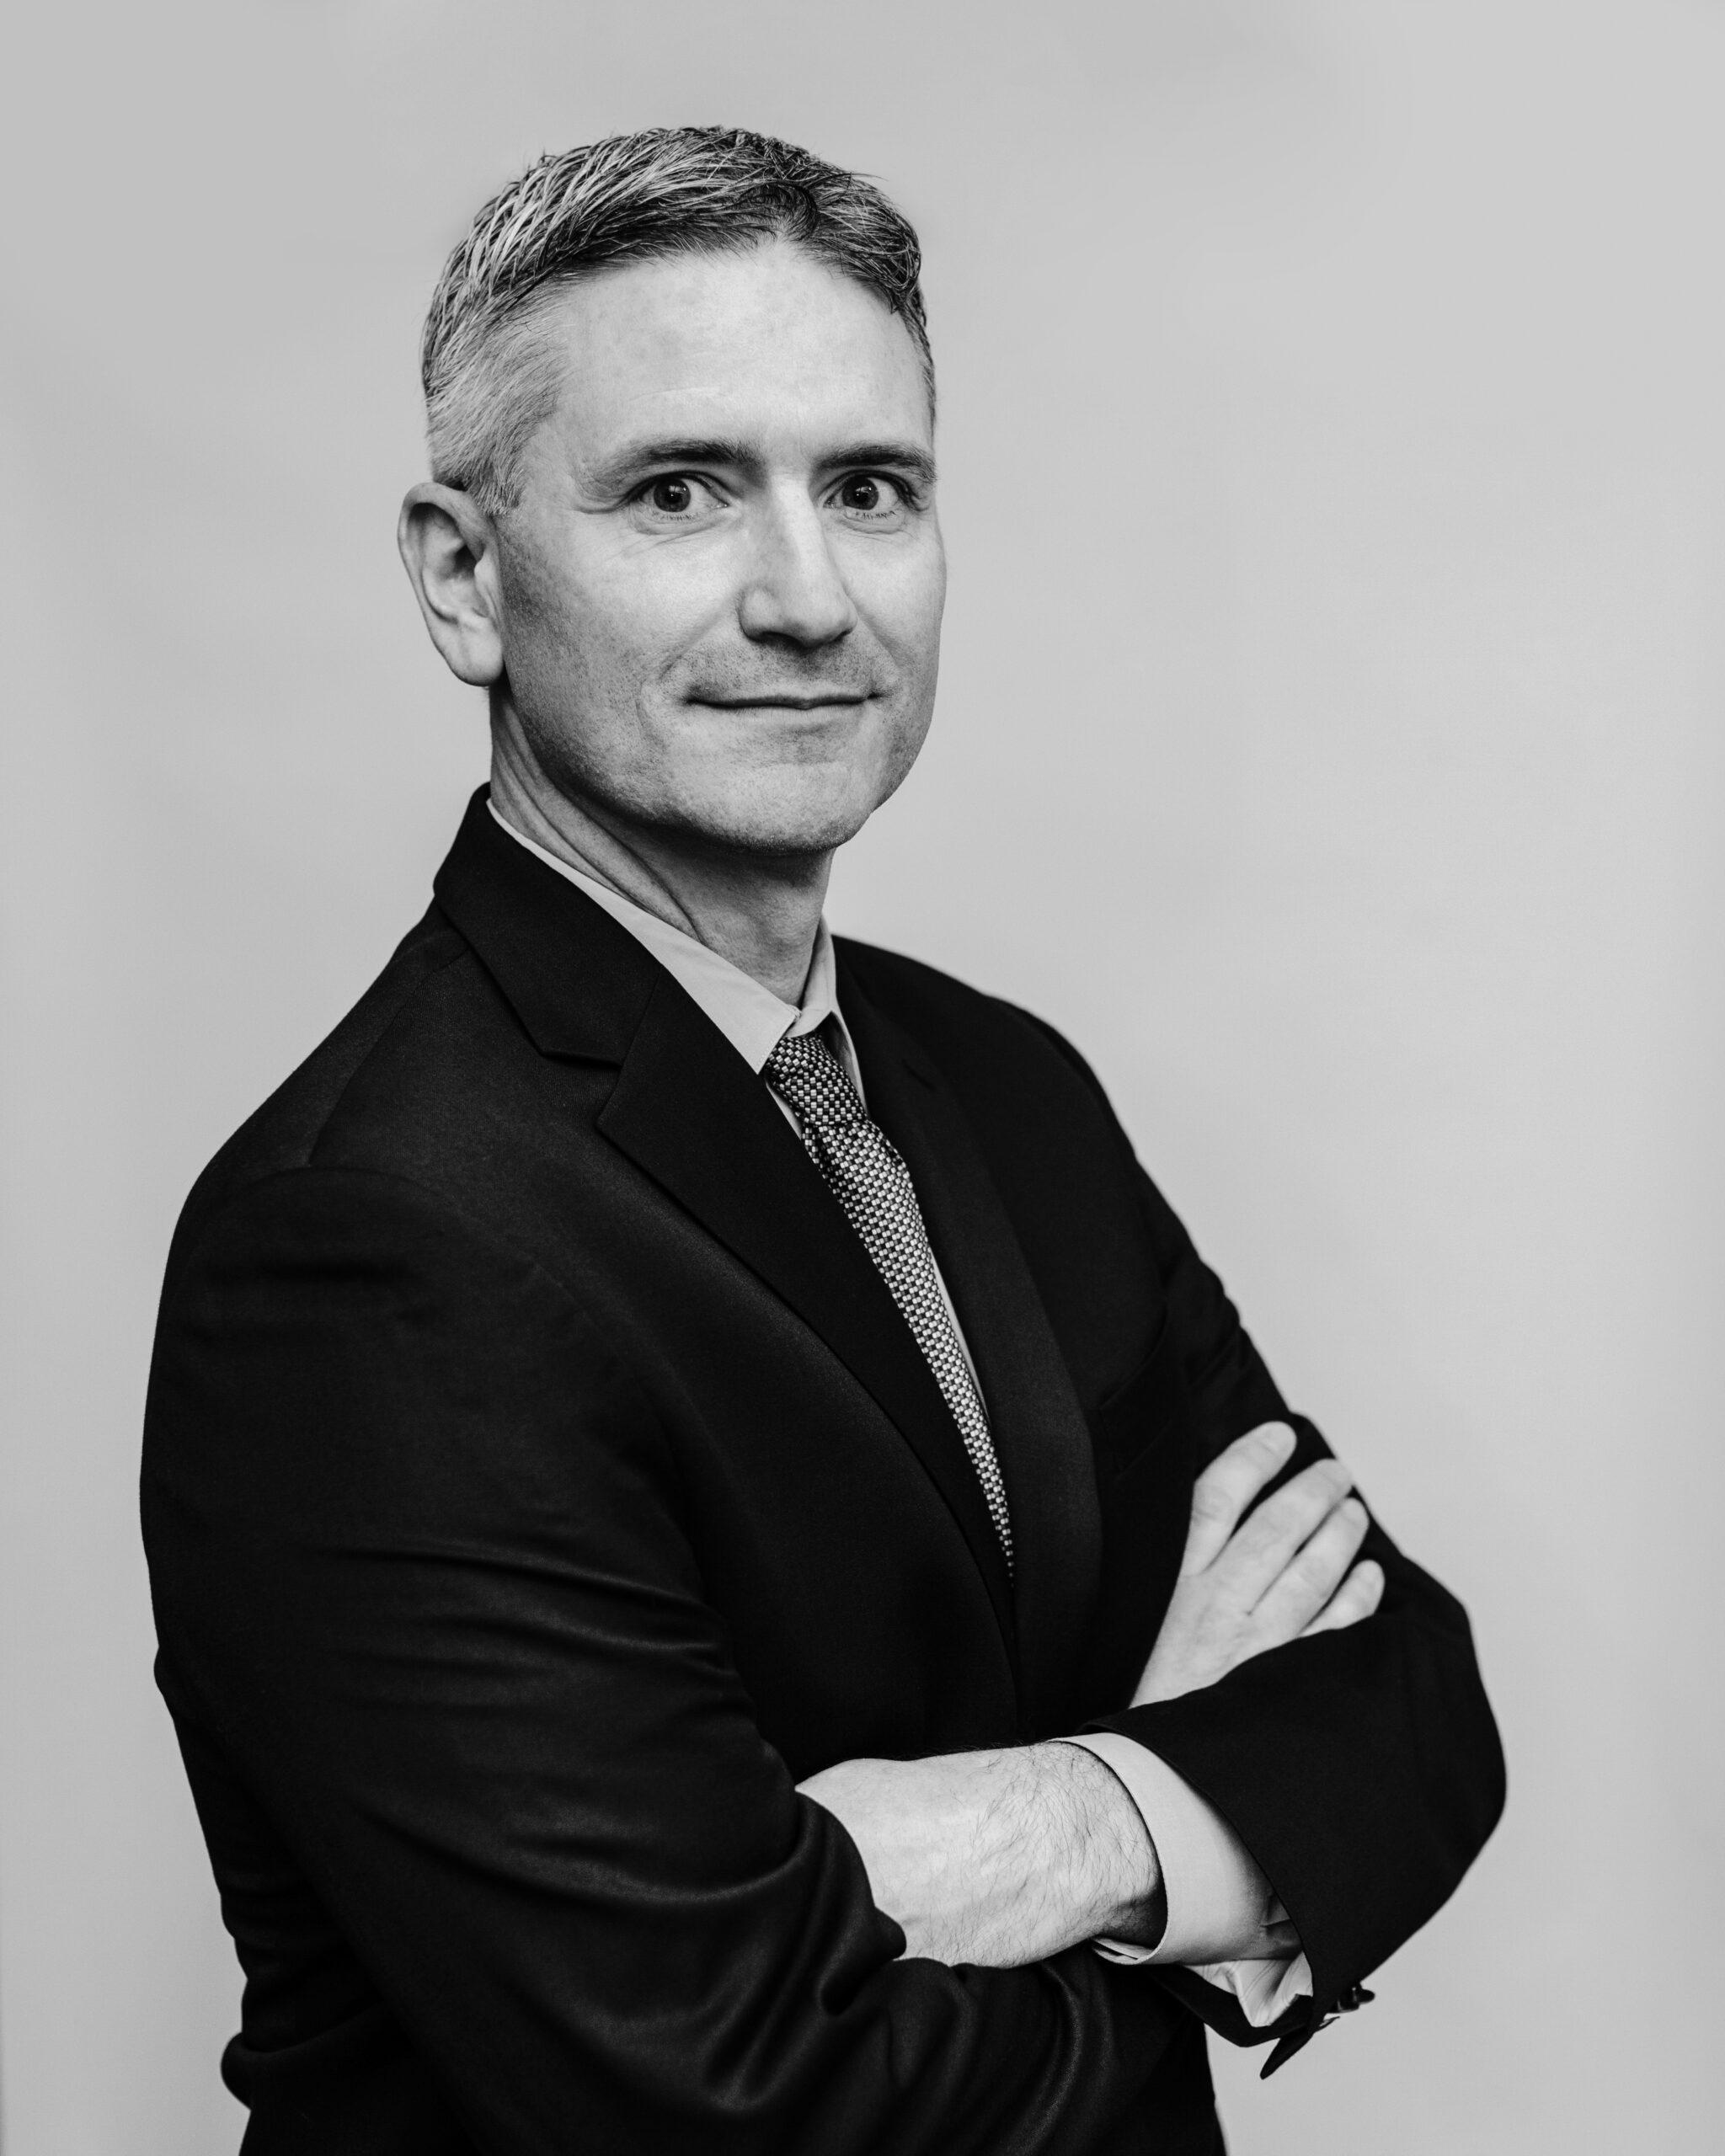 Jeff Landsnes, CFO